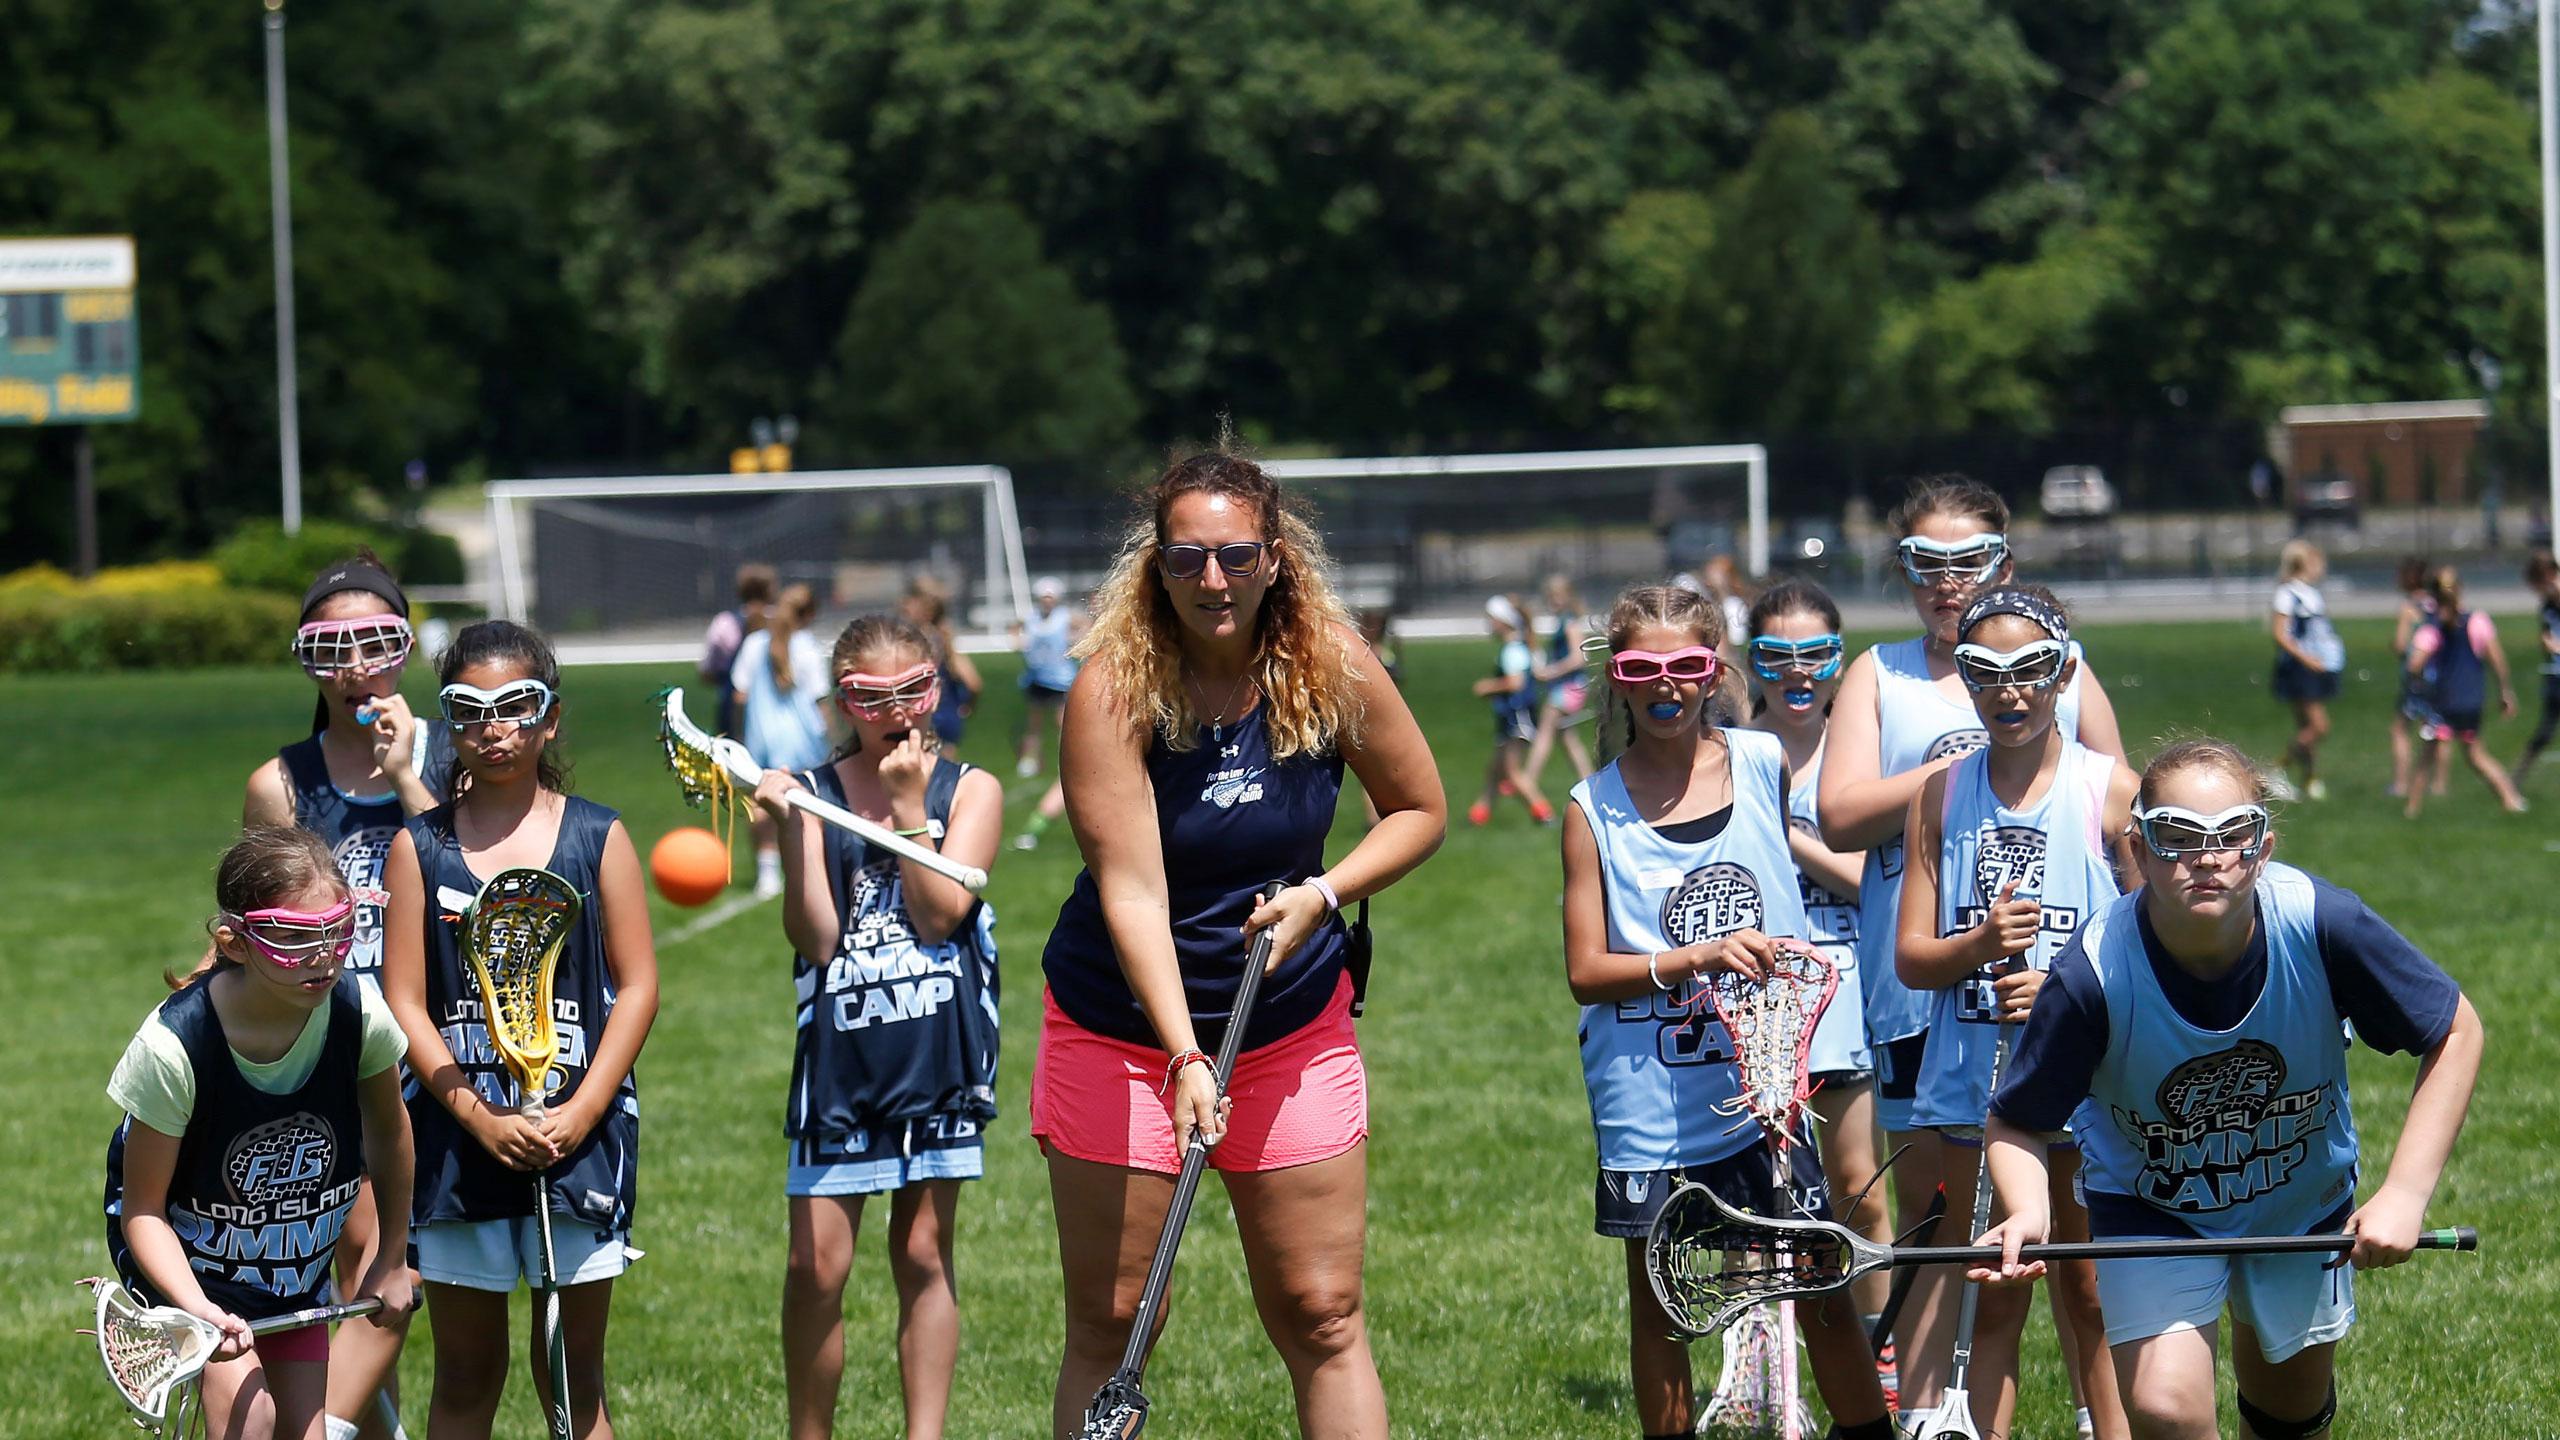 FLG Lacrosse summer camps